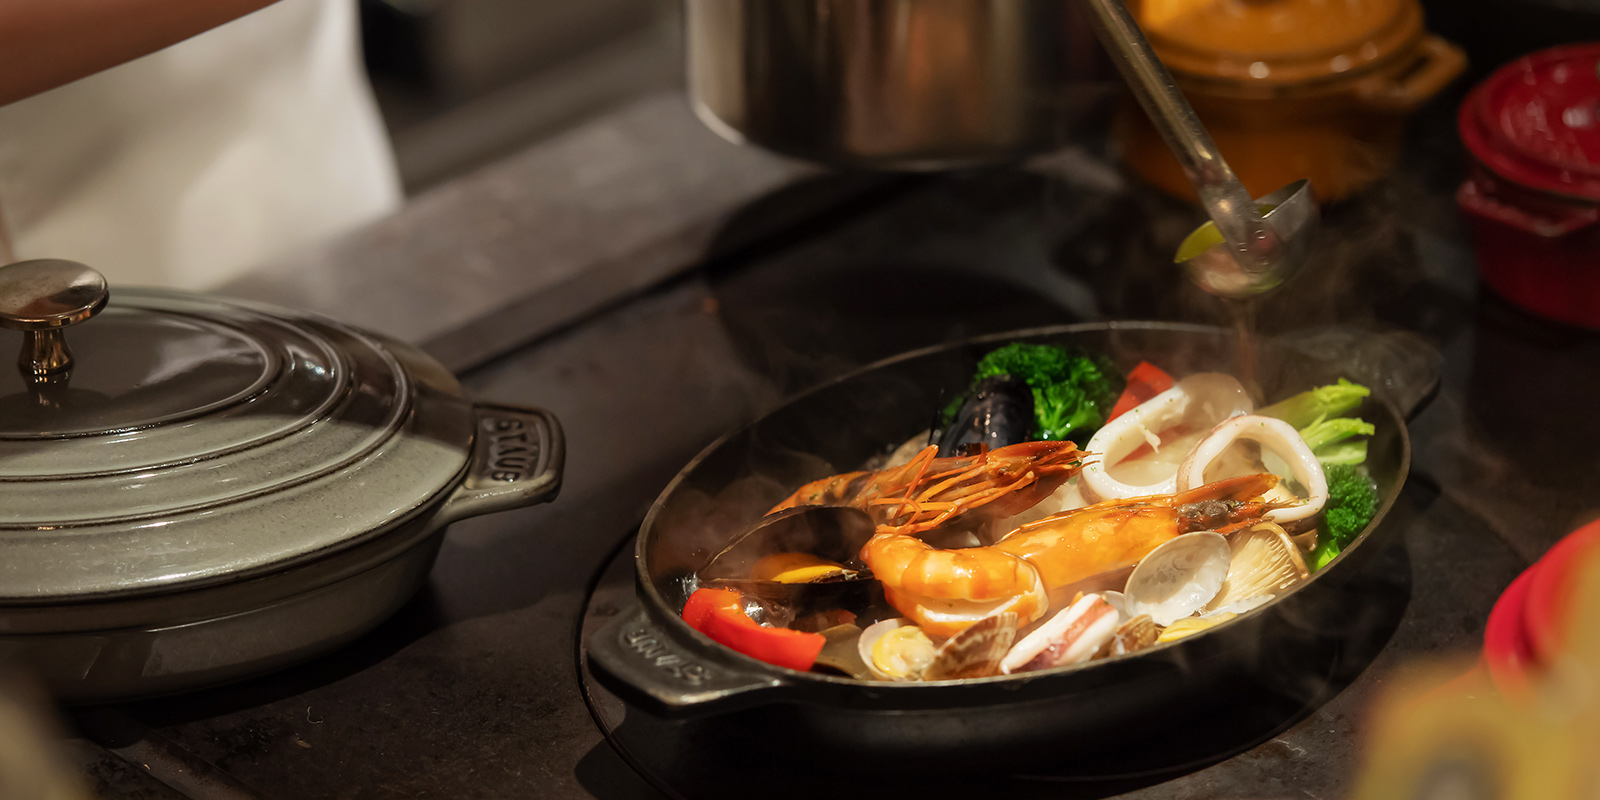 熱を通した食材にオイルを注ぐ場面